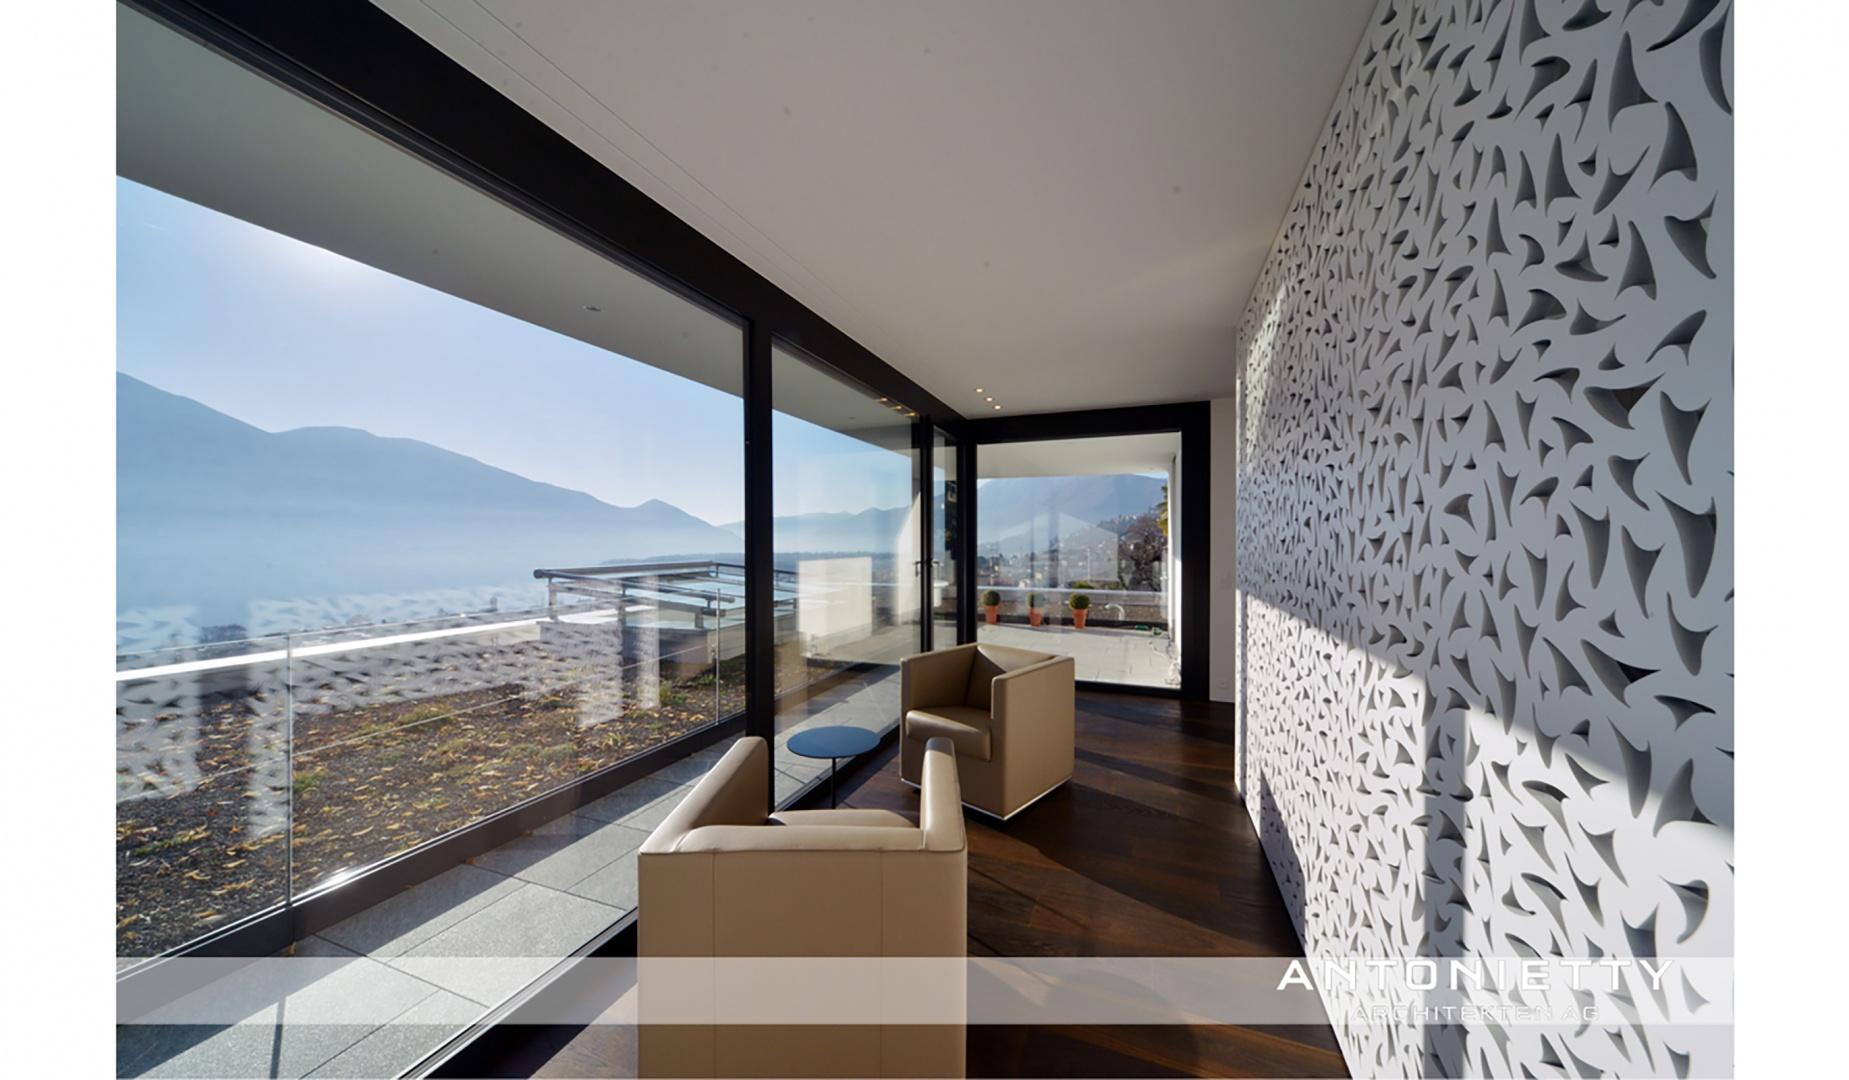 Perforierte Wand © Carlos Antonietty, Antonietty Architekten AG, Bürgenstrasse 23, 6005 Luzern